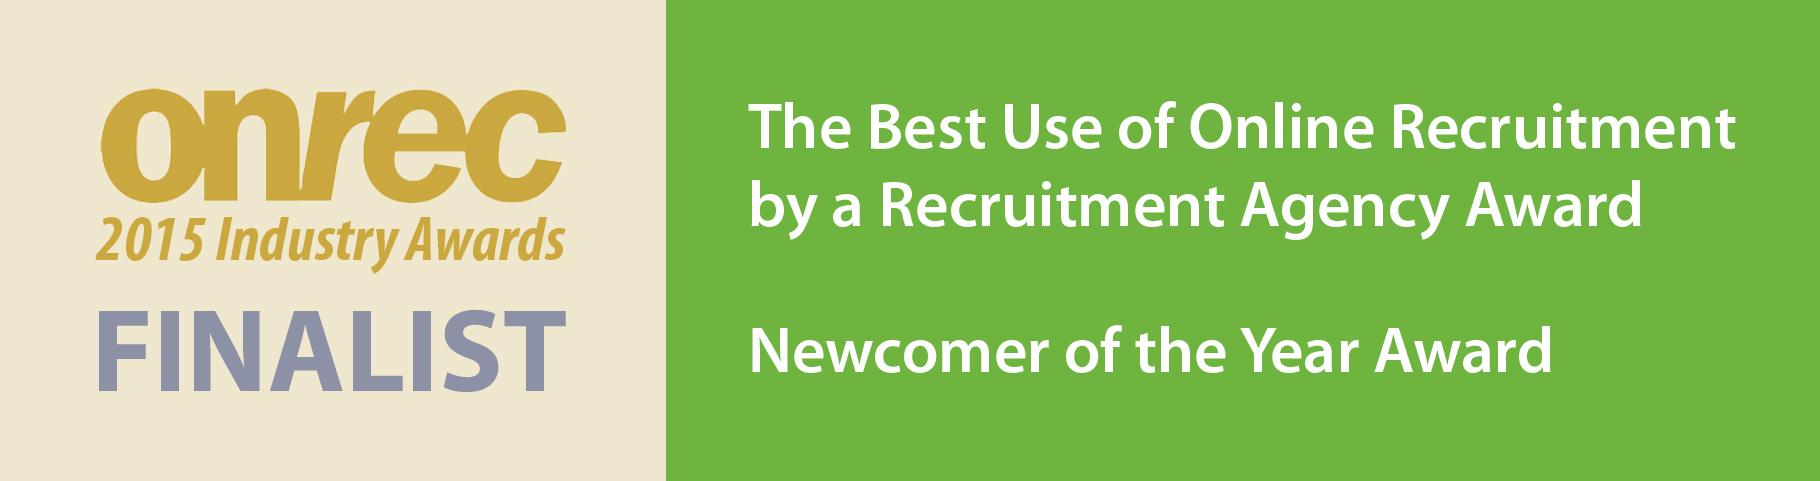 Onrec Online Recruitment Awards 2015